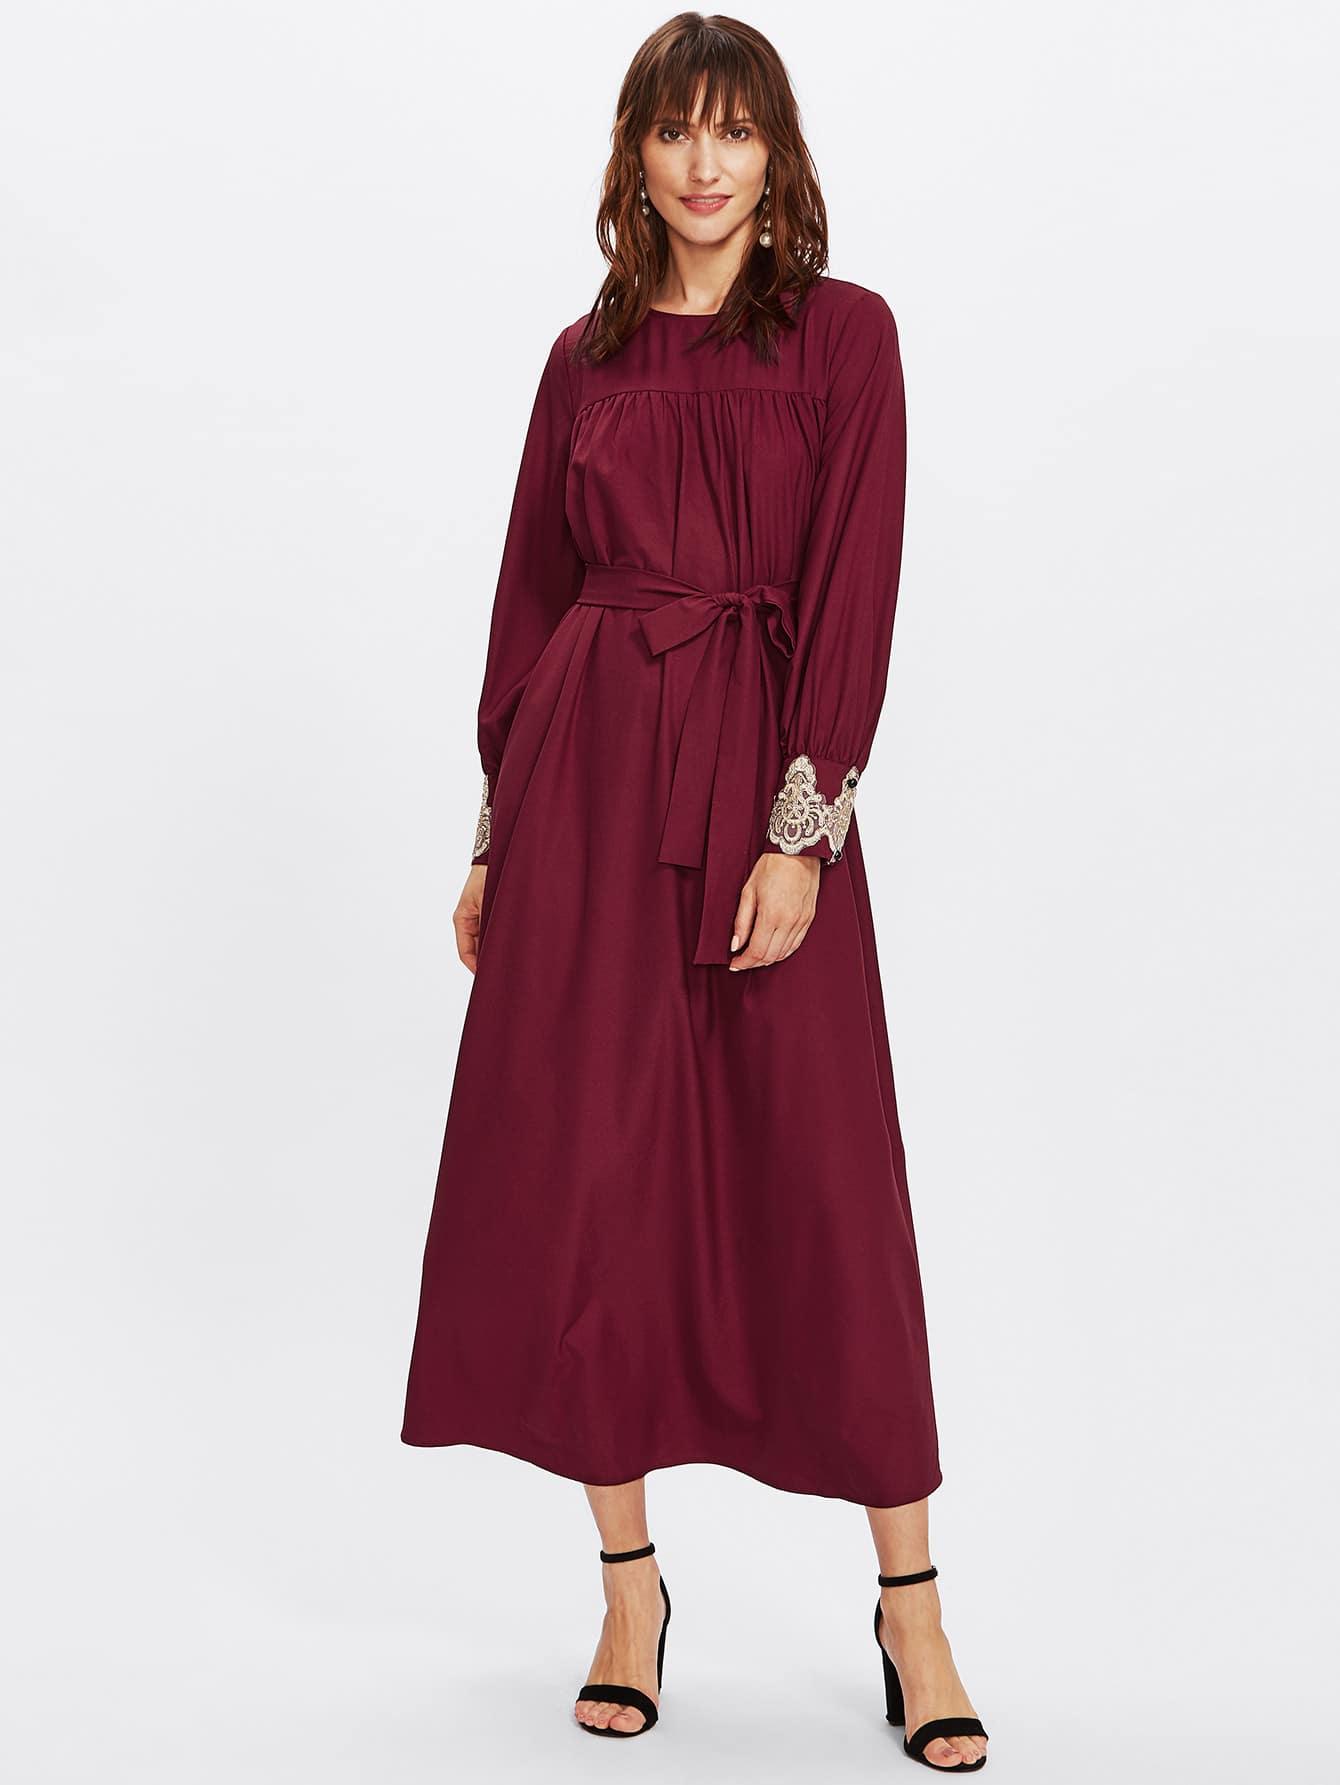 Hijab langes kleid mit stickereien applikation und g rtel - Shein kleidung ...